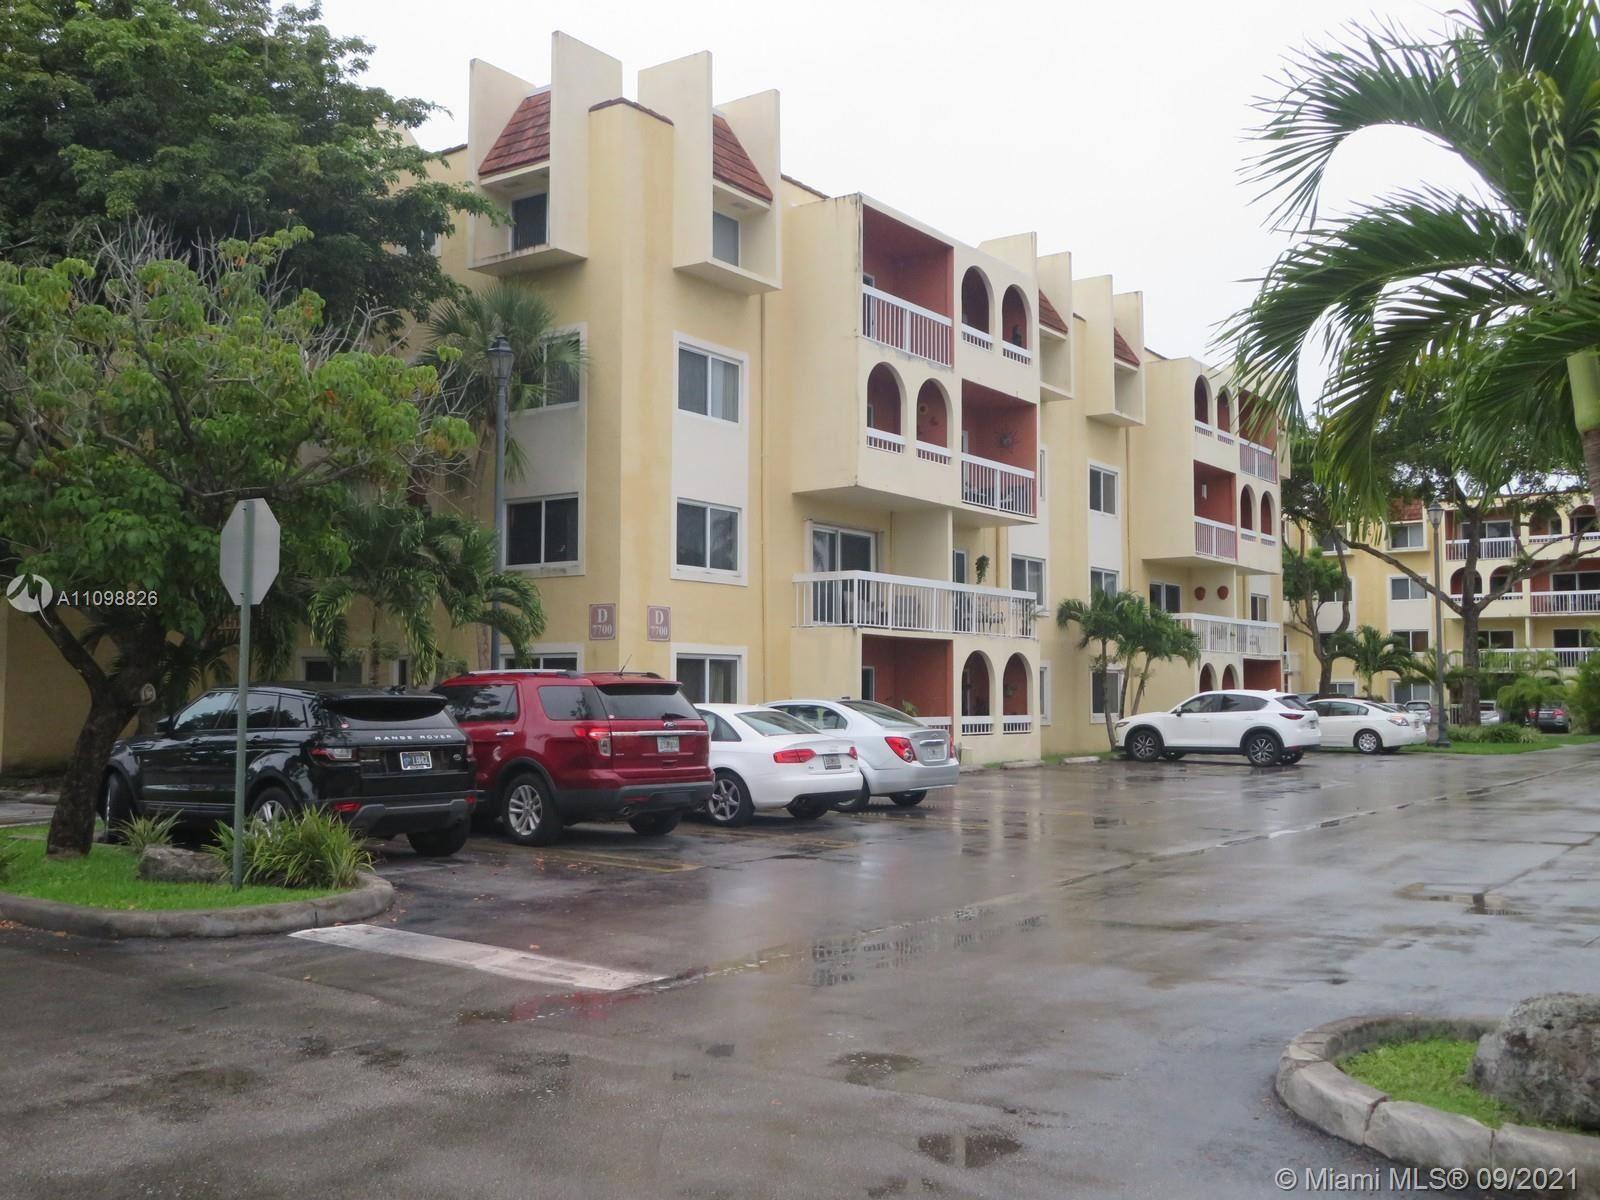 7700 Camino Real #D-304, Miami, FL 33143 - #: A11098826